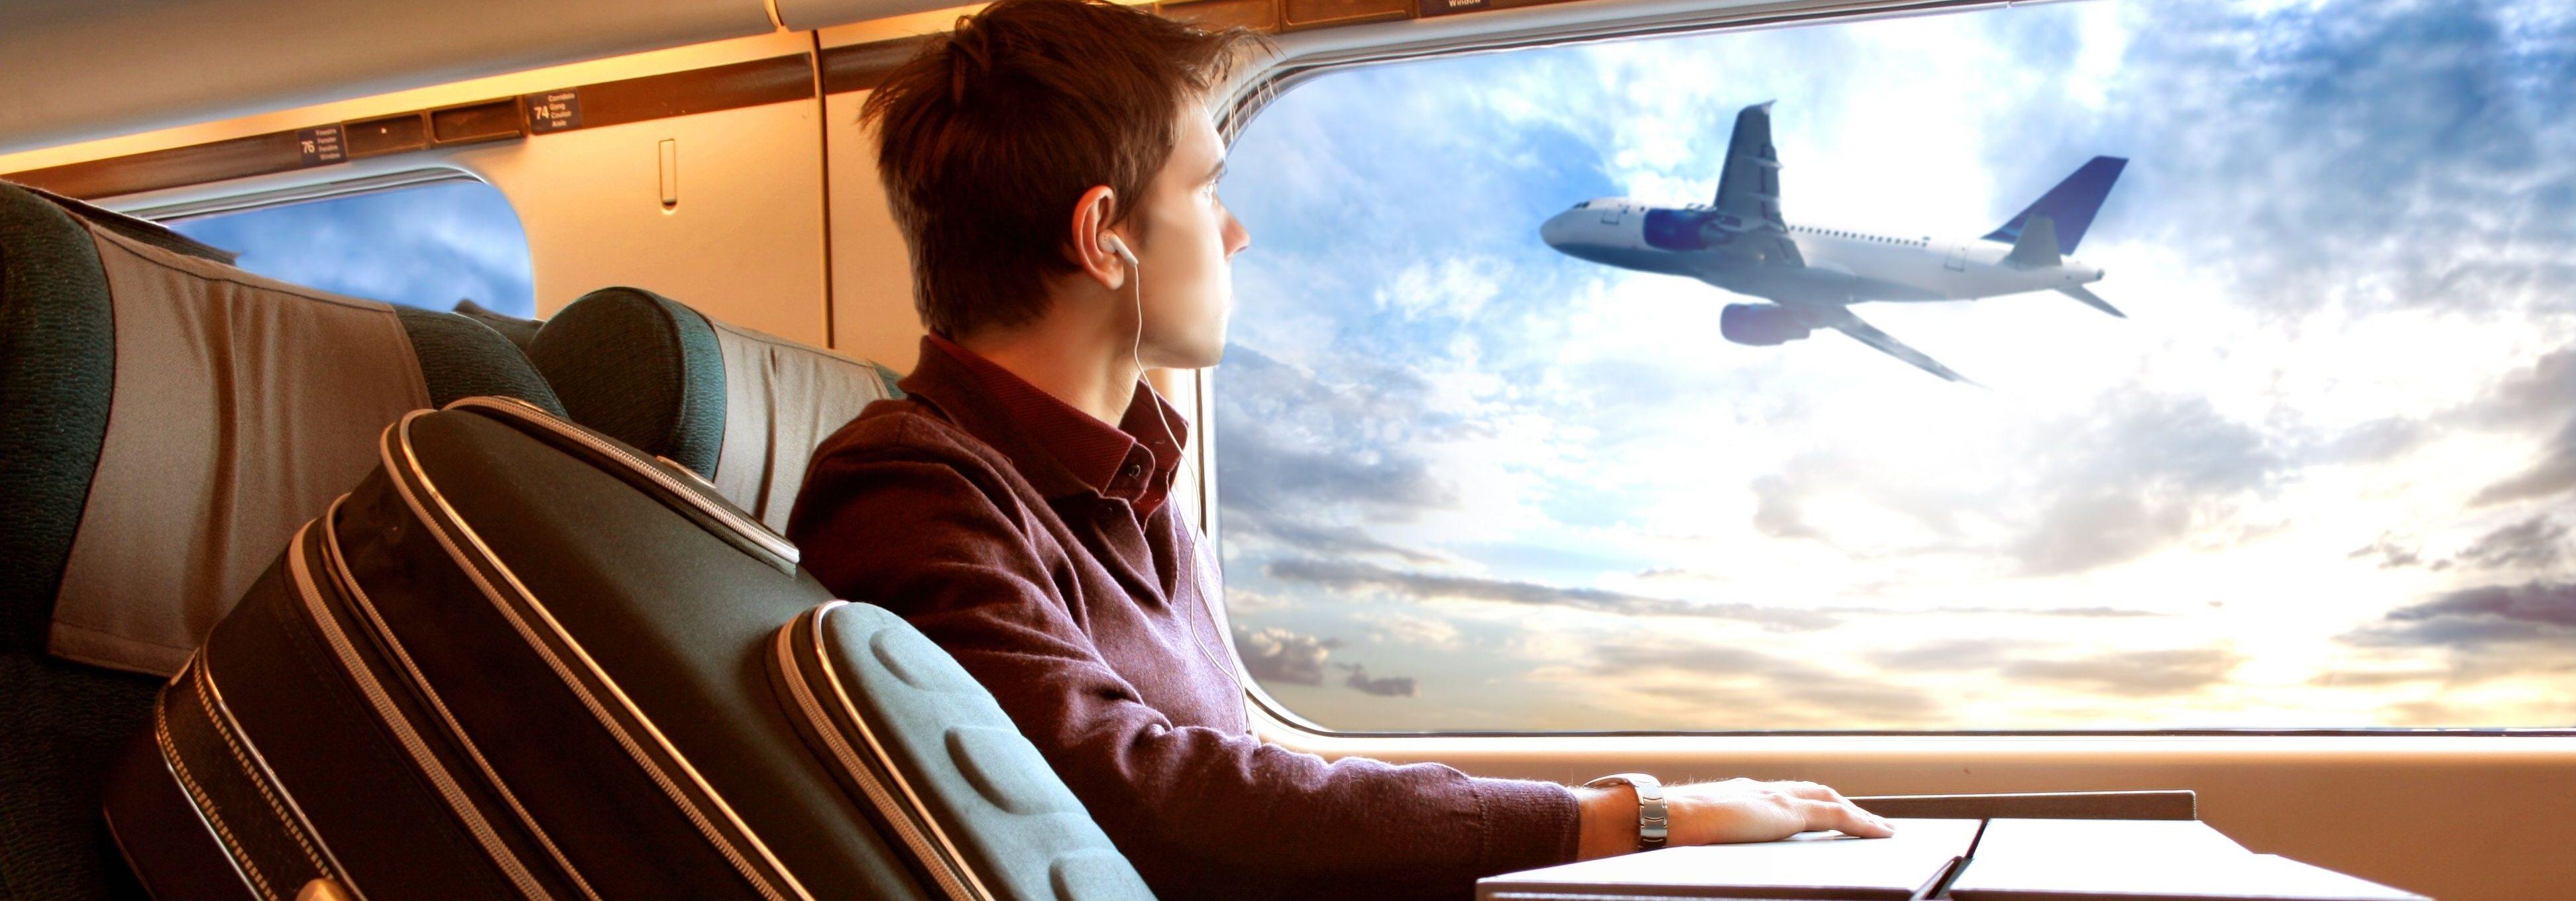 FUTURE MOD - aby cestovanie bolo zábavnejšie 1